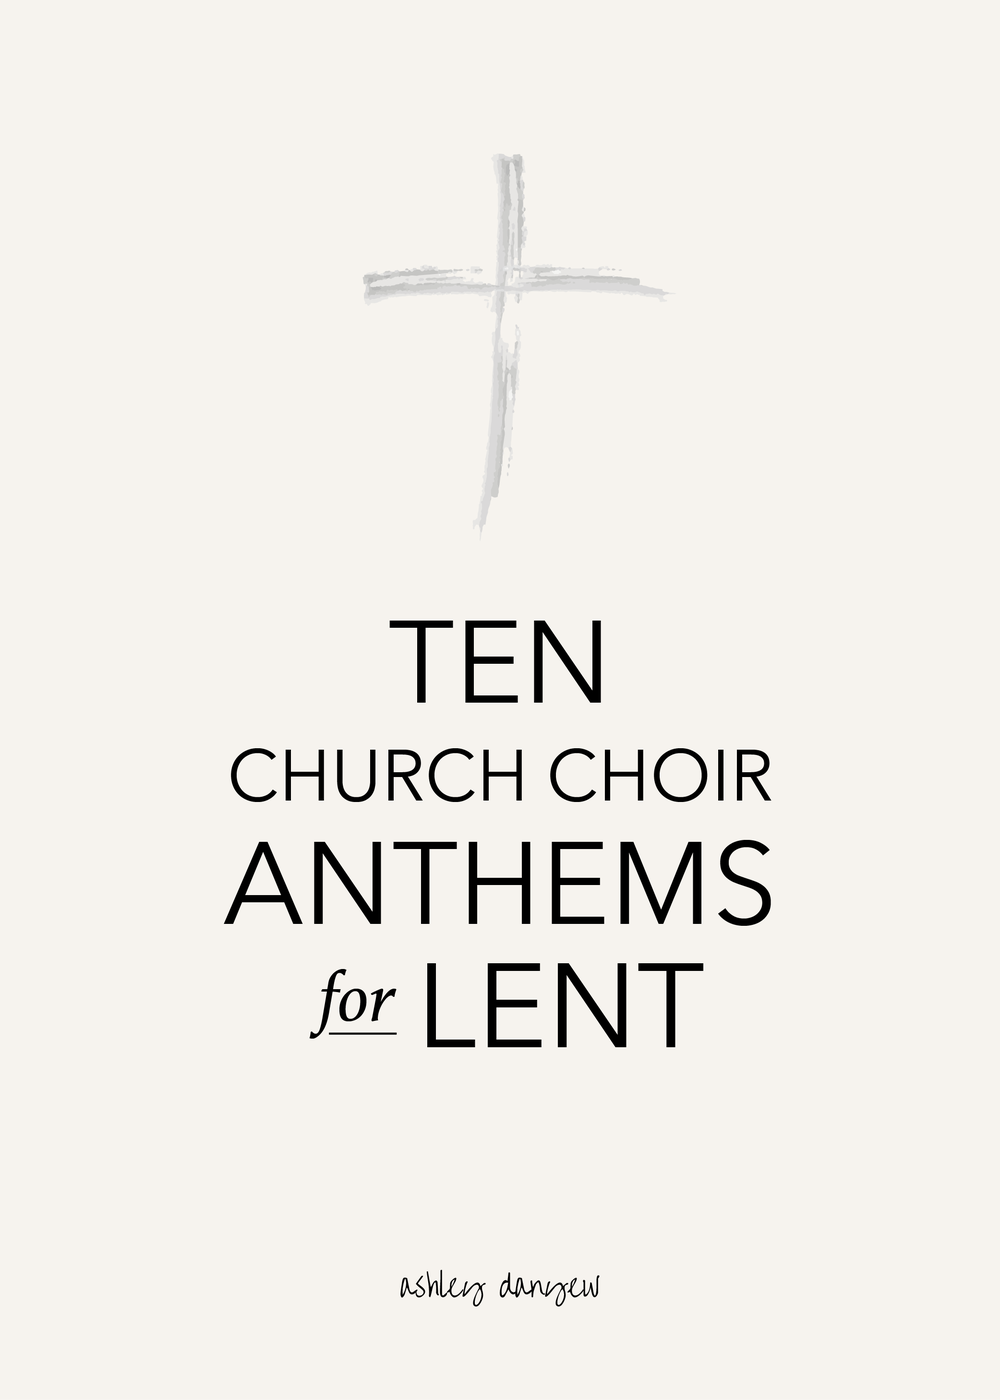 Ten-Church-Choir-Anthems-for-Lent-01.png